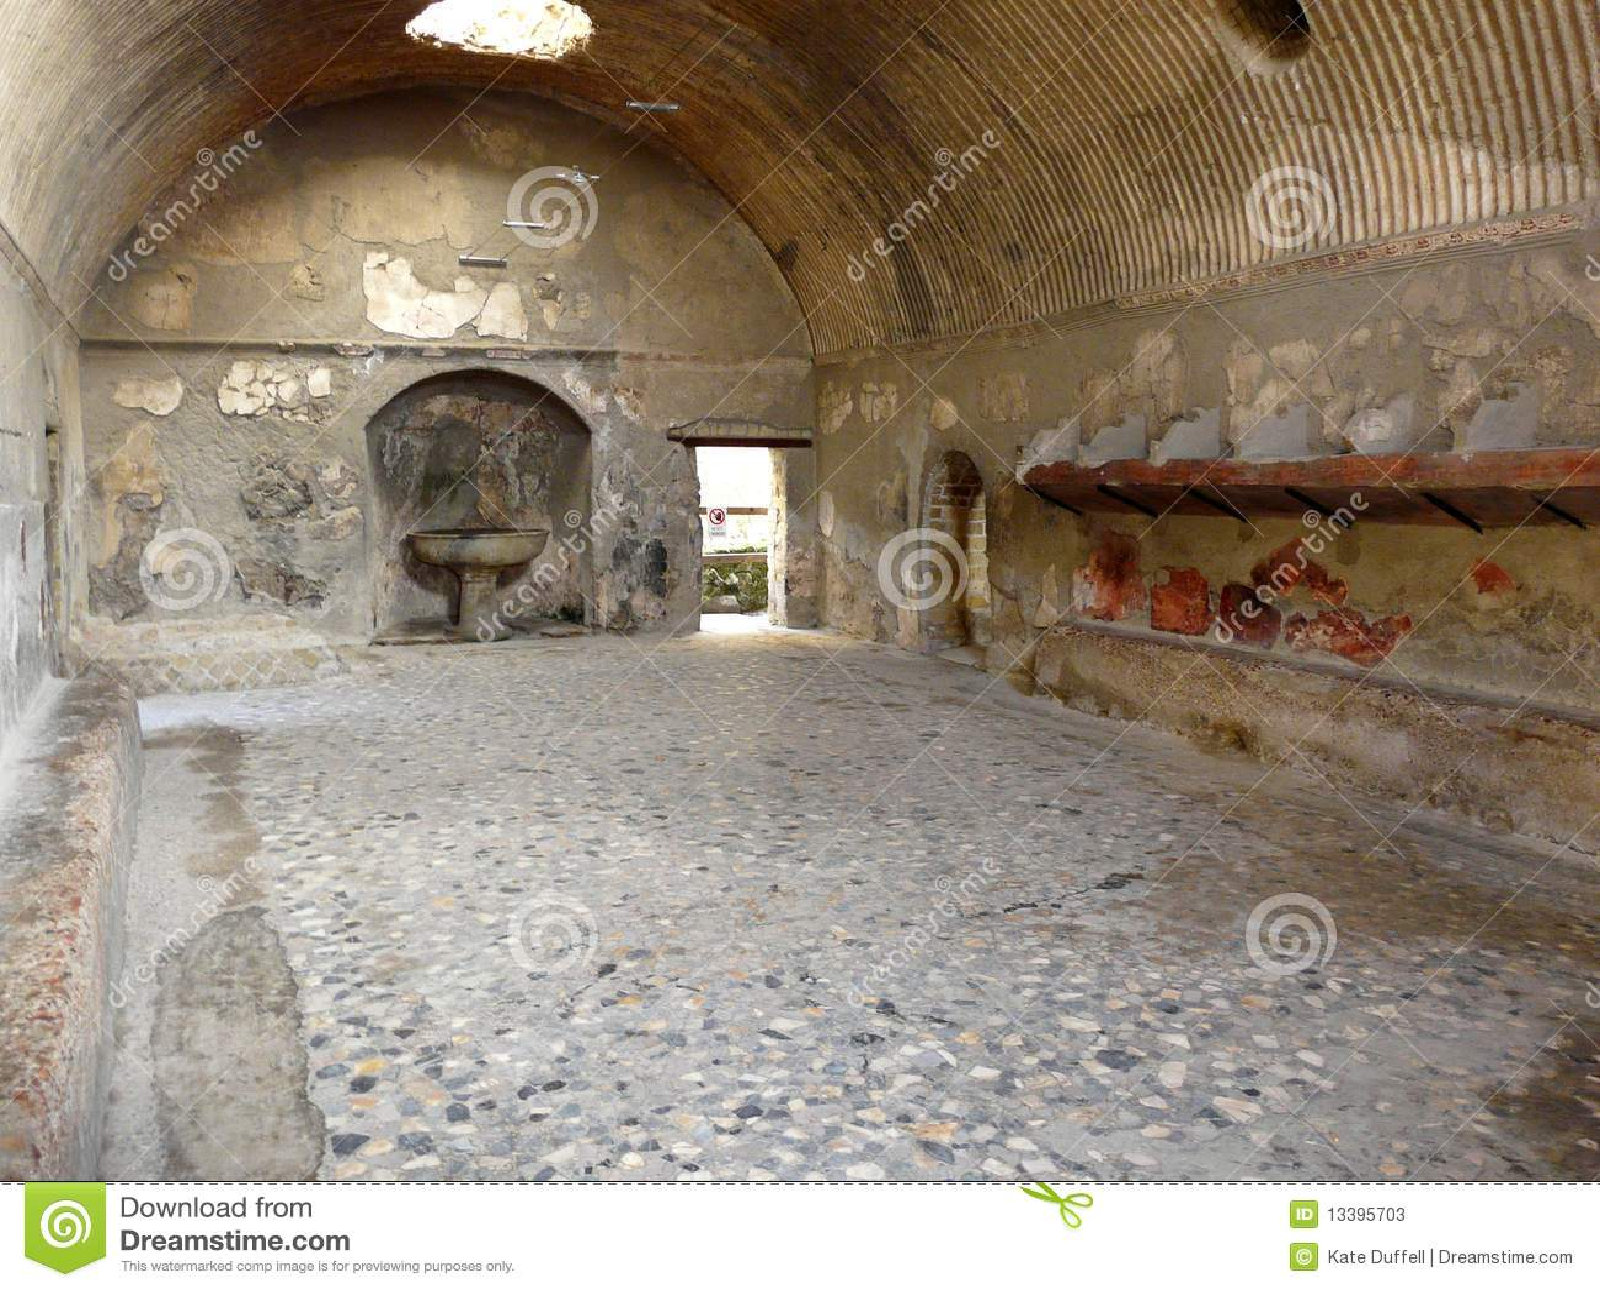 Baños Antiguos Fotos:Ancient Roman Public Baths